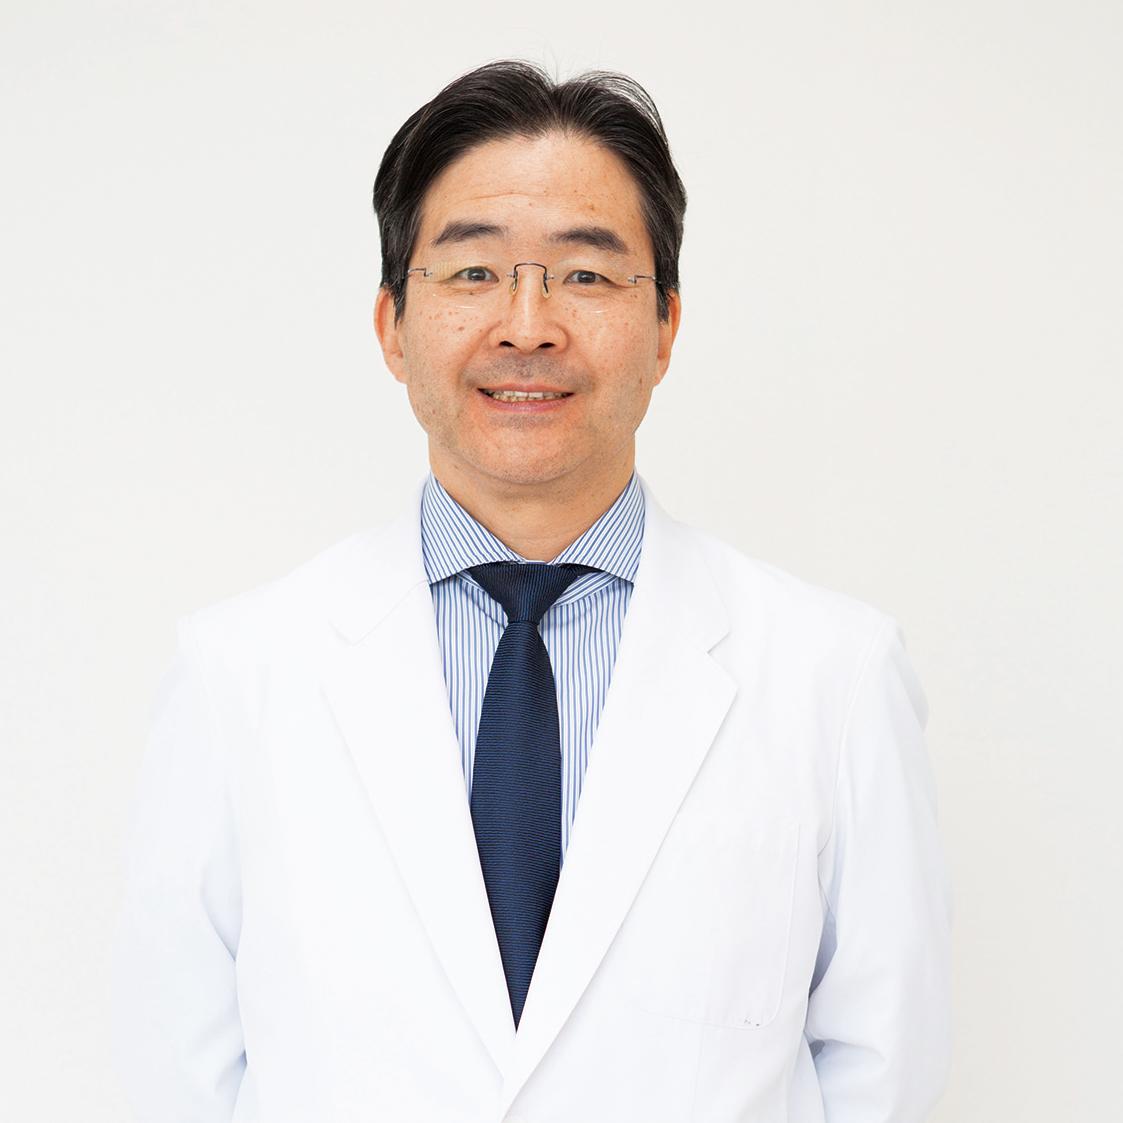 香川大学医学部 心臓血管外科学 強みを生かすチーム医療 同病棟で迅速に対応